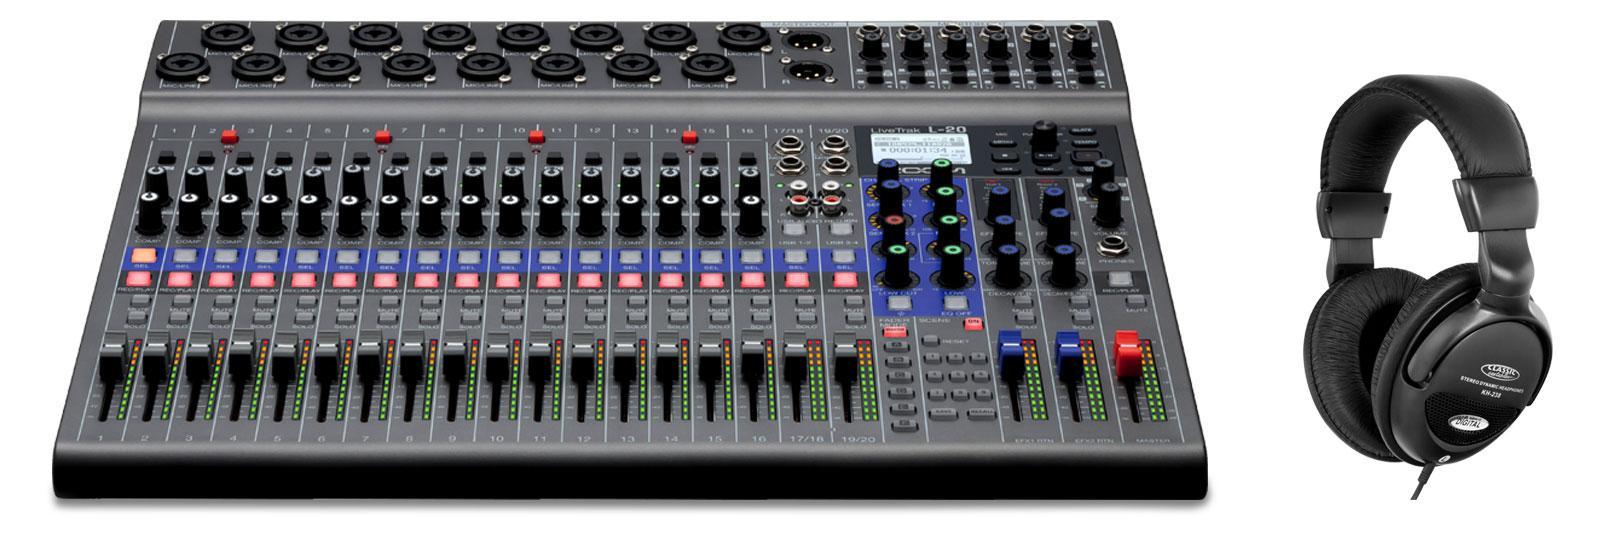 Recording - Zoom LiveTrak L 20 Digitales Mischpult Set inkl. Kopfhörer - Onlineshop Musikhaus Kirstein